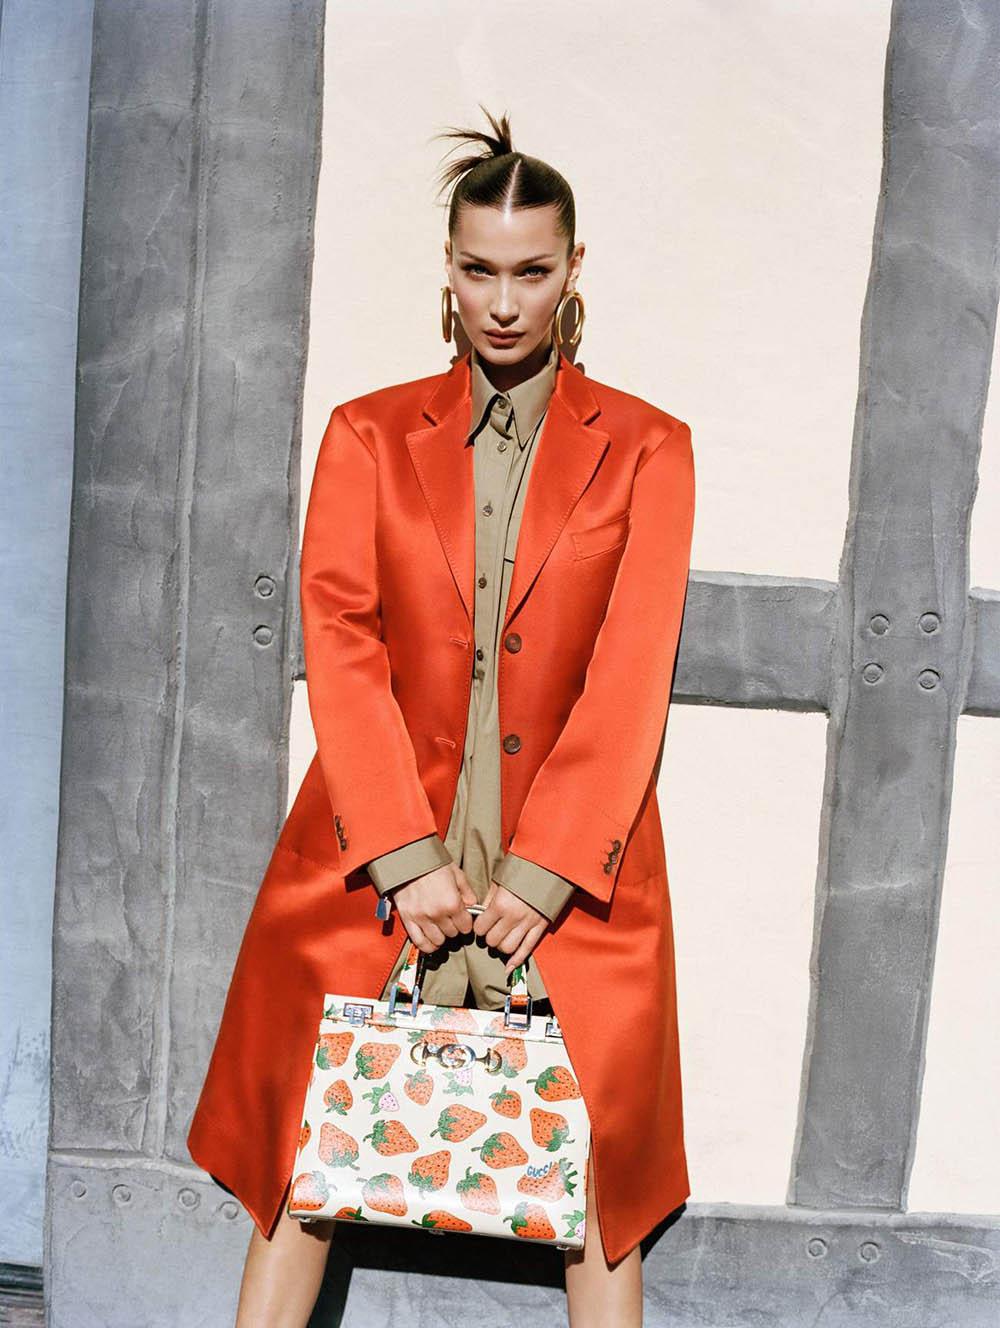 Bella-Hadid-by-Sean-Thomas-for-Vogue-US-May-2019-4.jpg